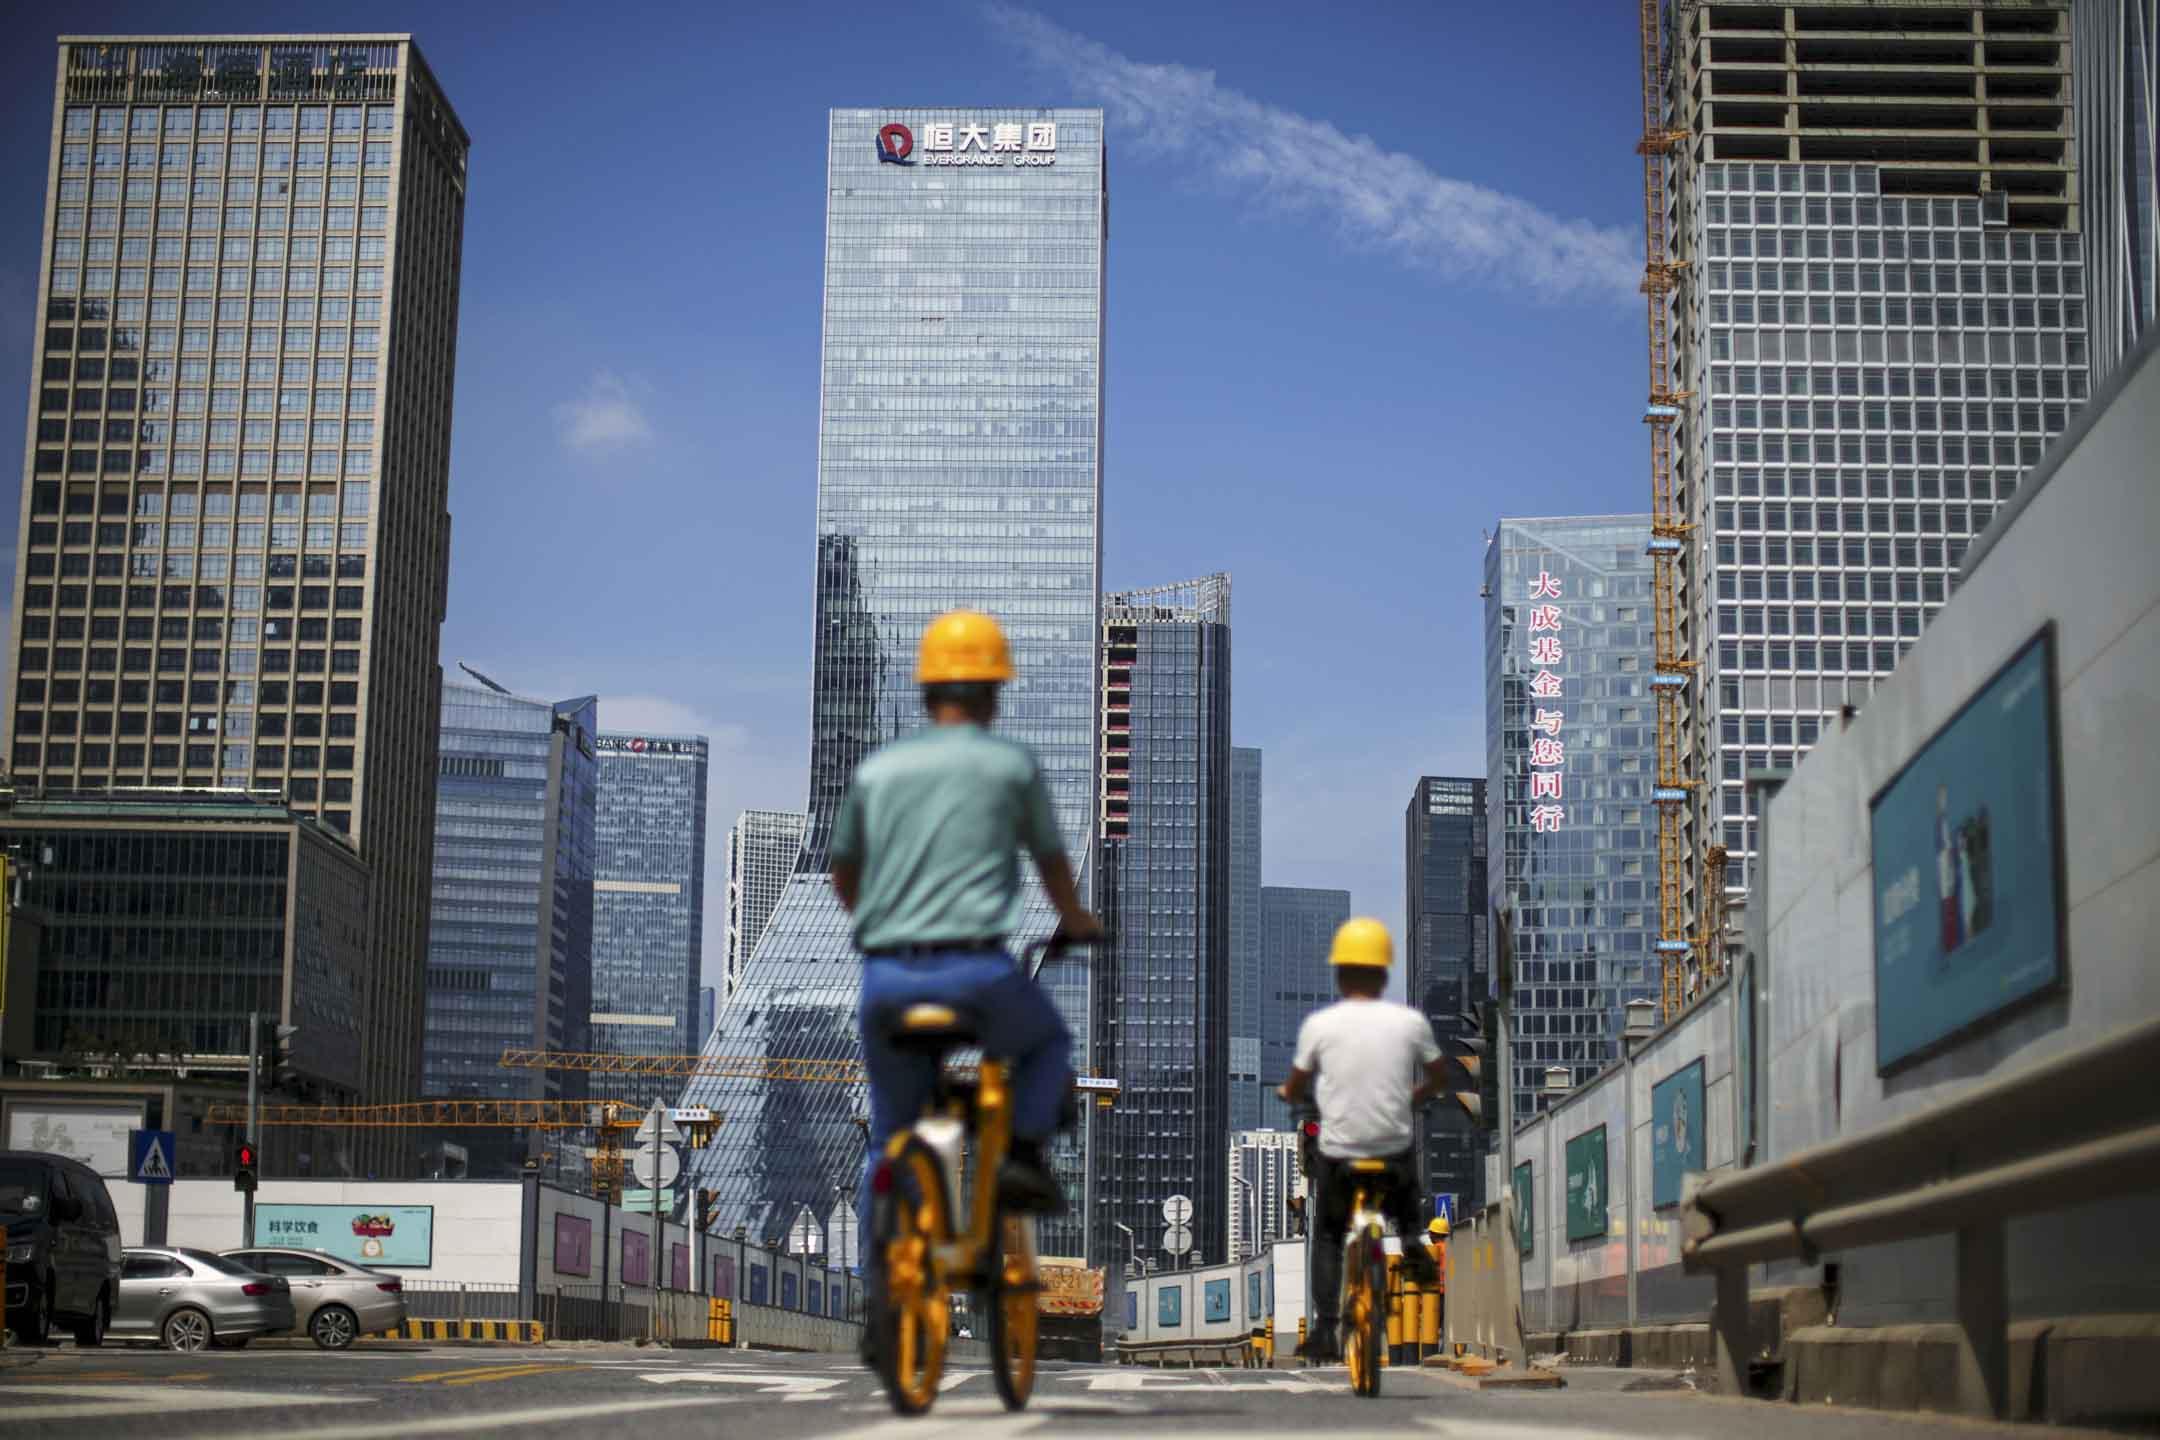 2021年9月26日,男子騎單車經過深圳市恆大集團總部附近的建築工地。